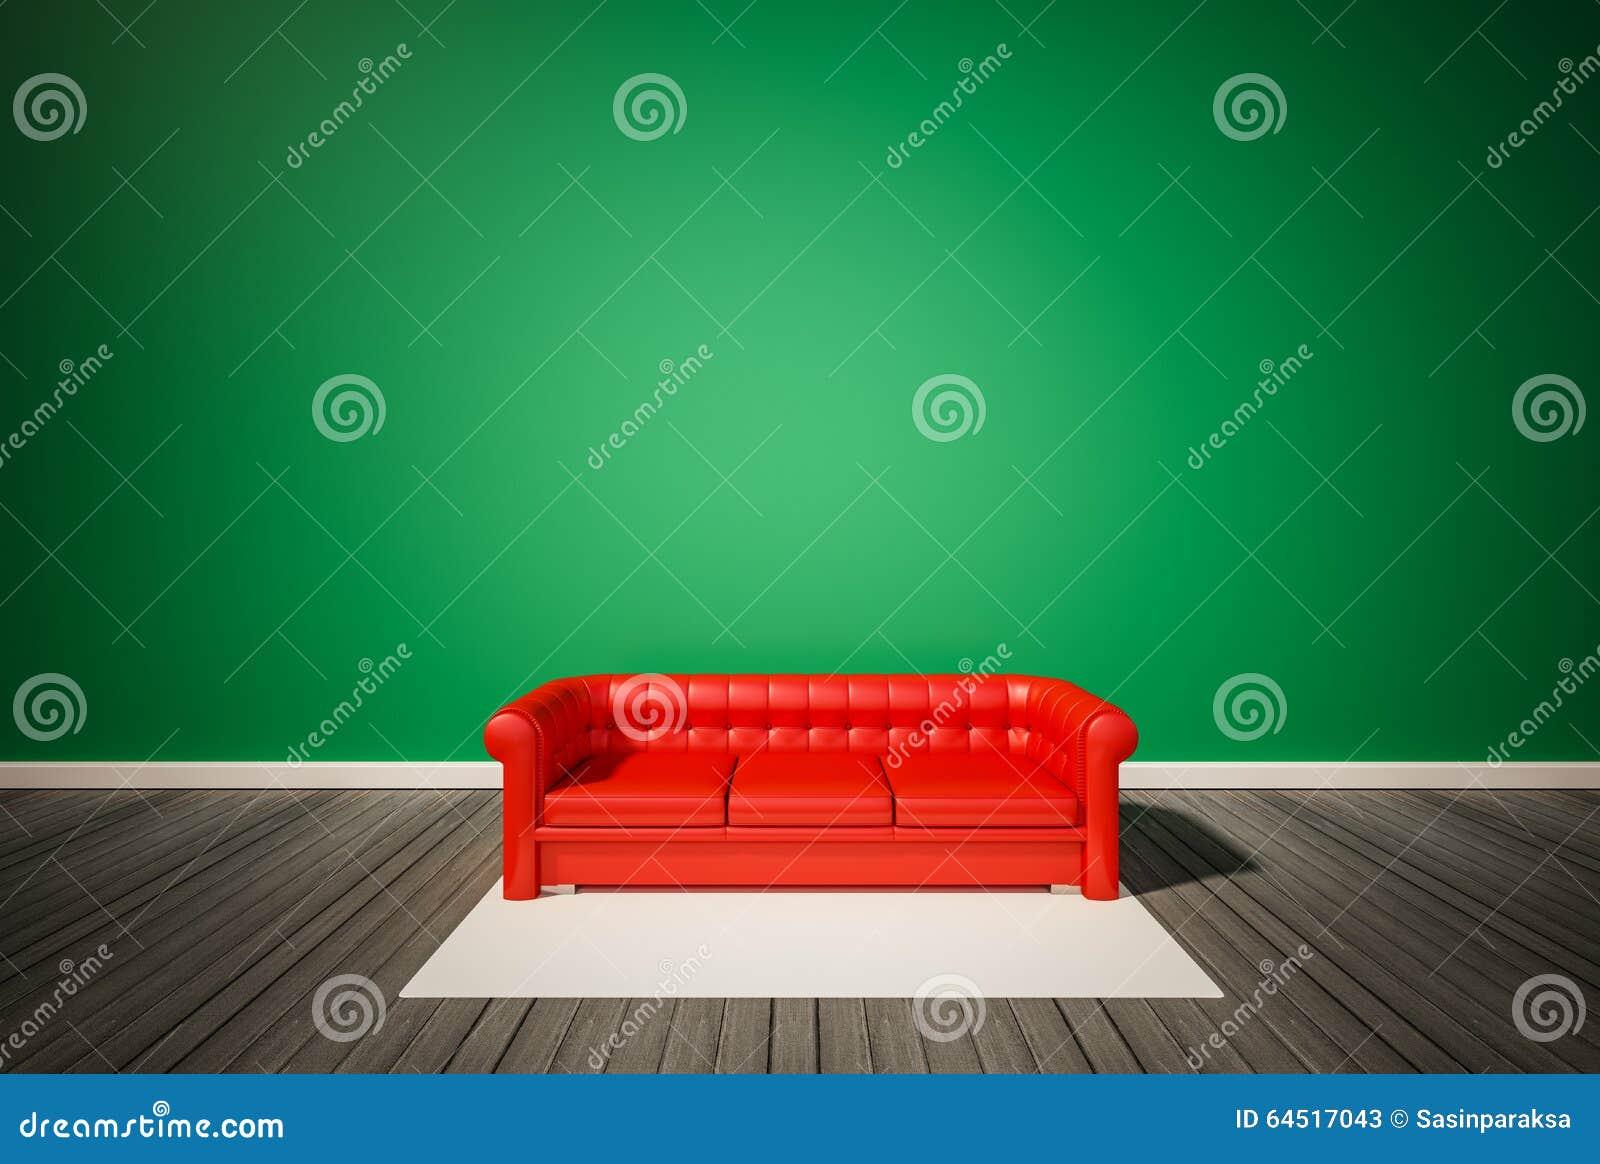 Pavimento Rosso E Bianco : Parete verde e pavimento di legno scuro con il sofà rosso ed il